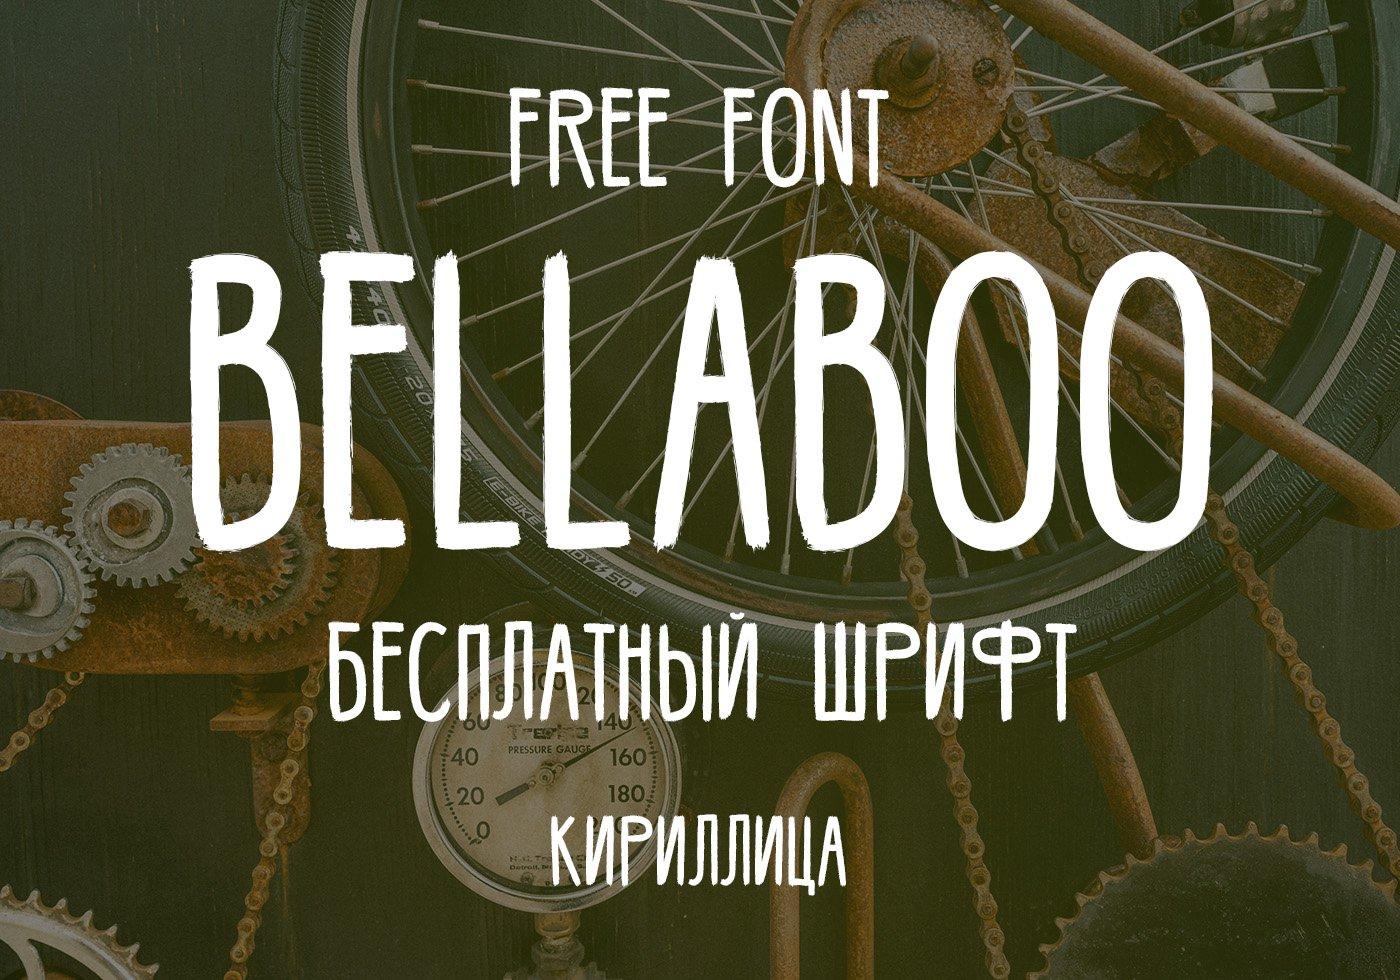 Хипстерский рукописный шрифт BELLABOO с кириллицей.